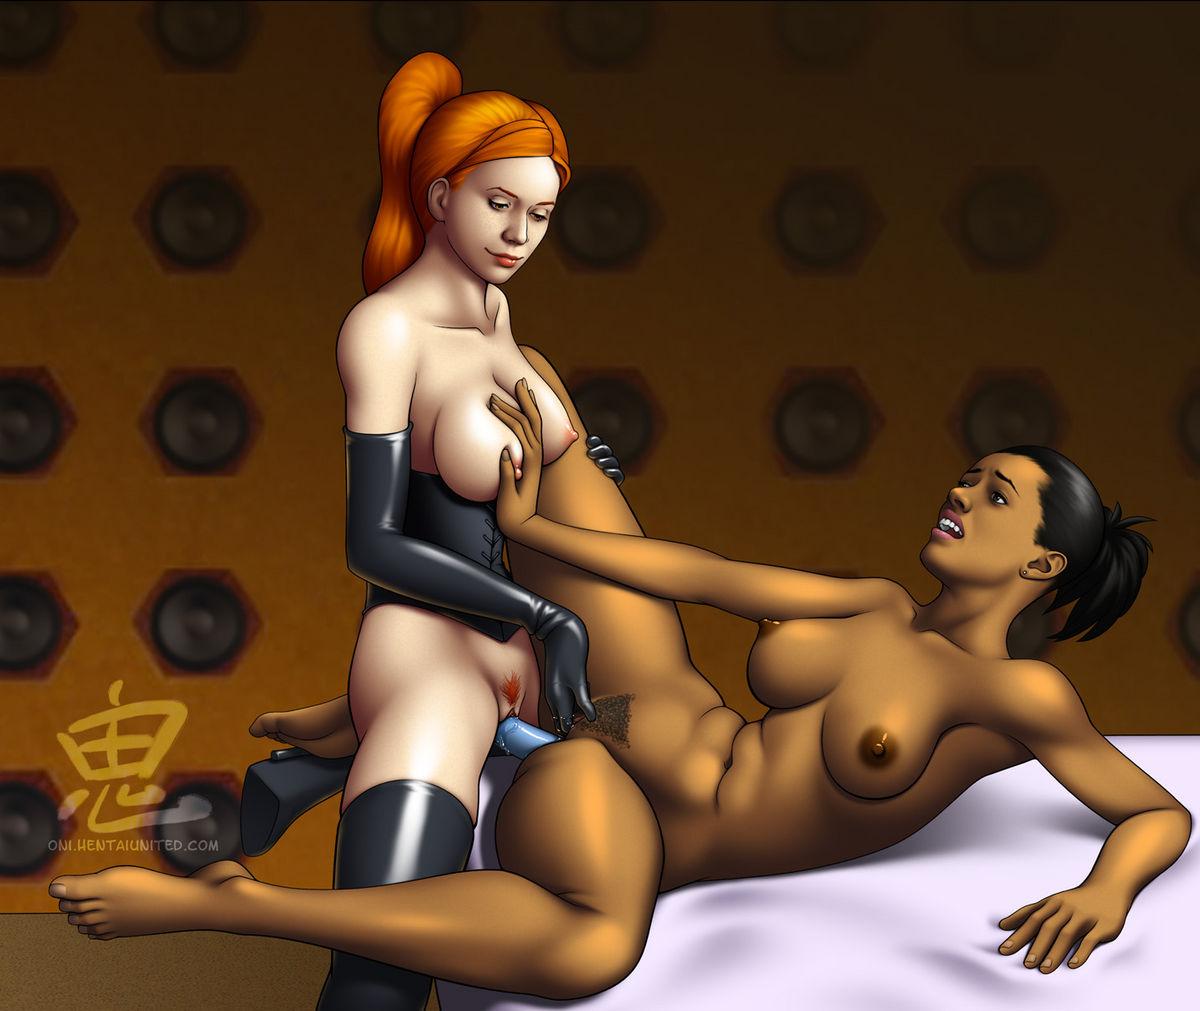 Frozen nuda porn photos